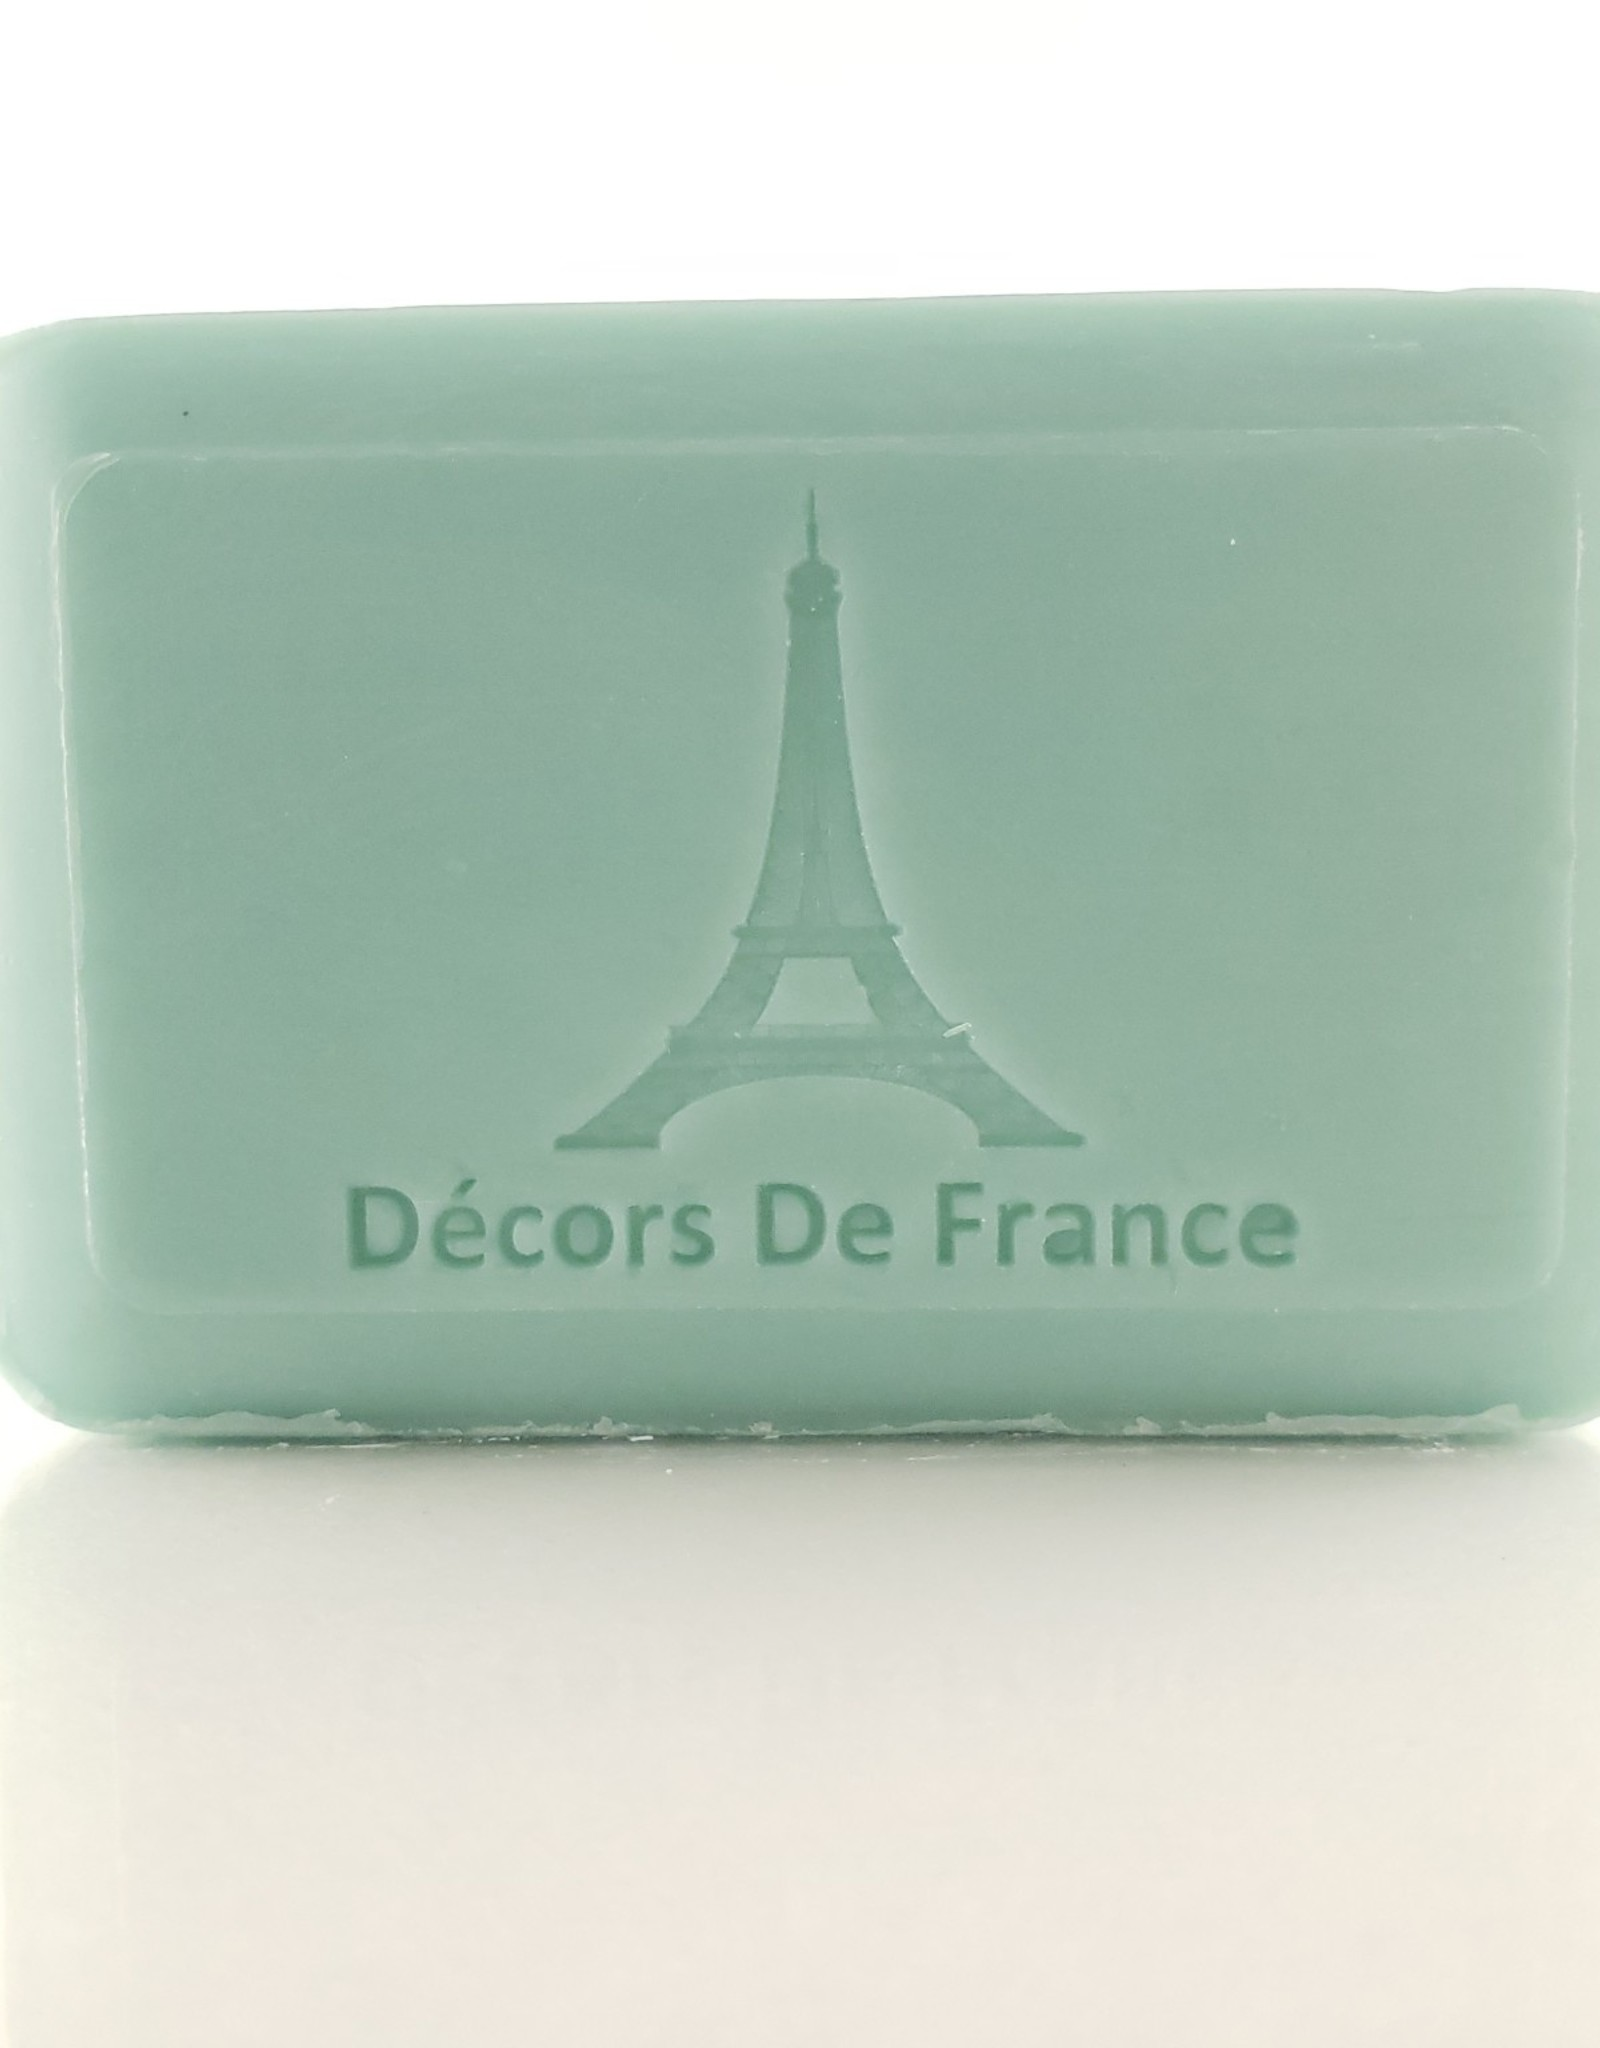 Ocean 250g Soap